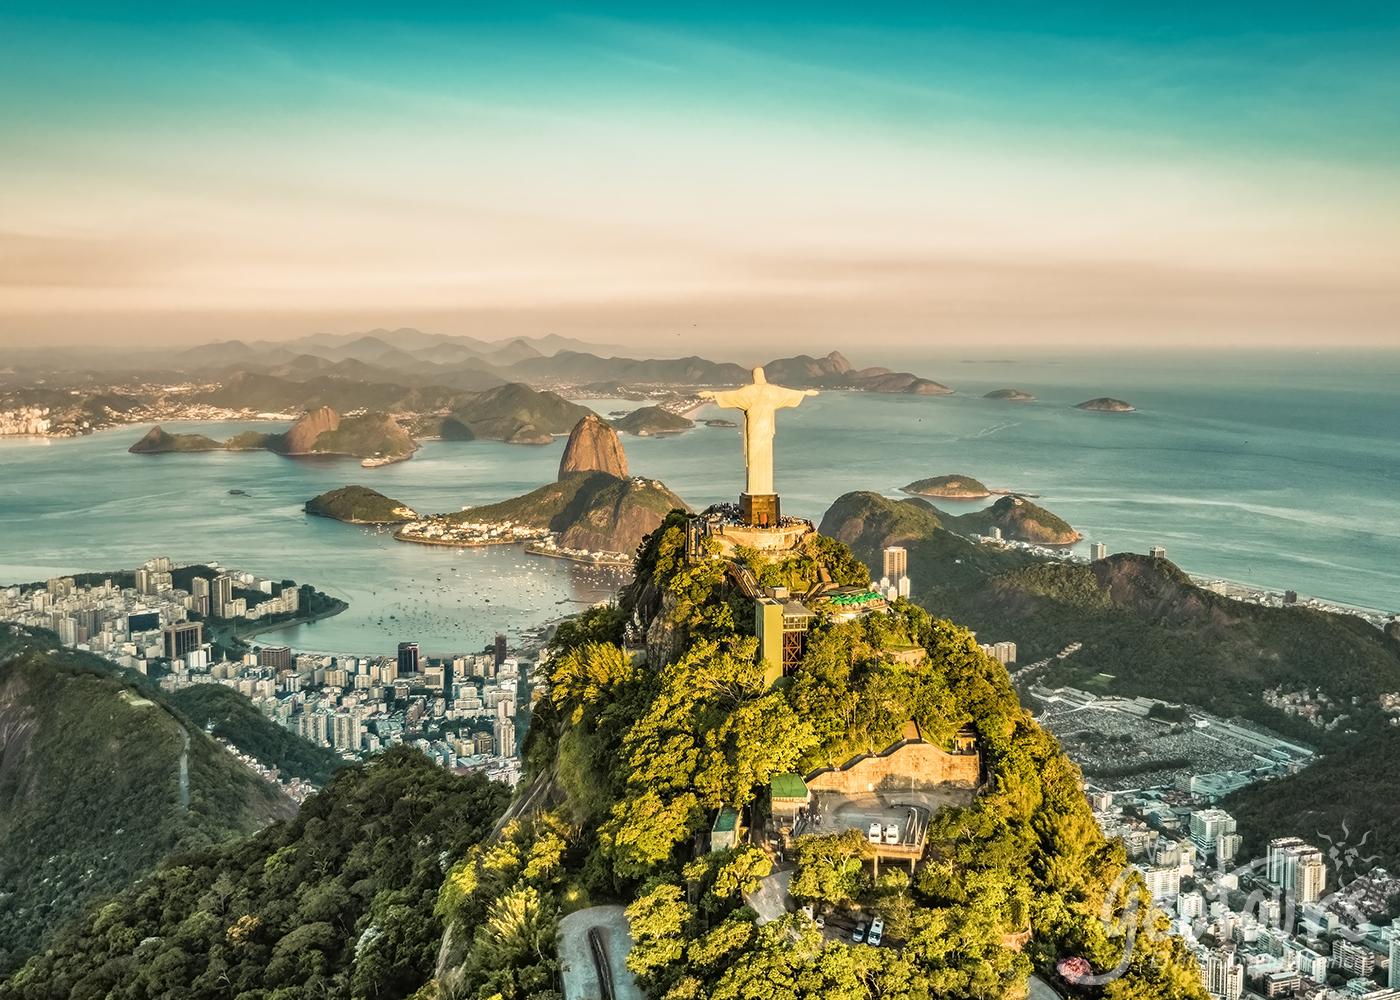 Brasil (7 días) - Río de Janeiro y Búzios